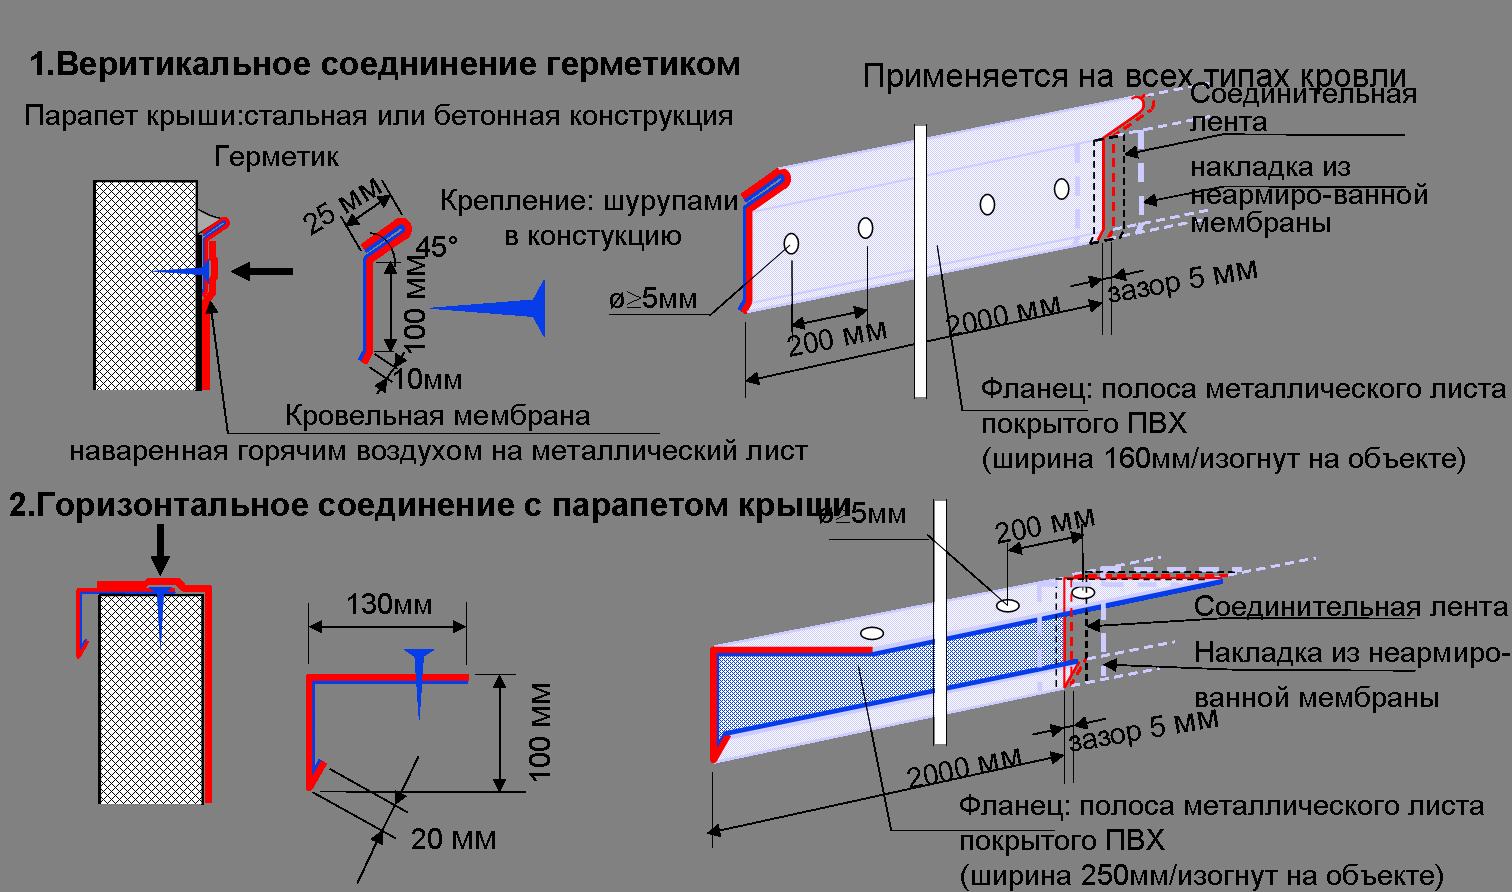 Крепления с помощью металлического соединительного листа ламинированного ПВХ